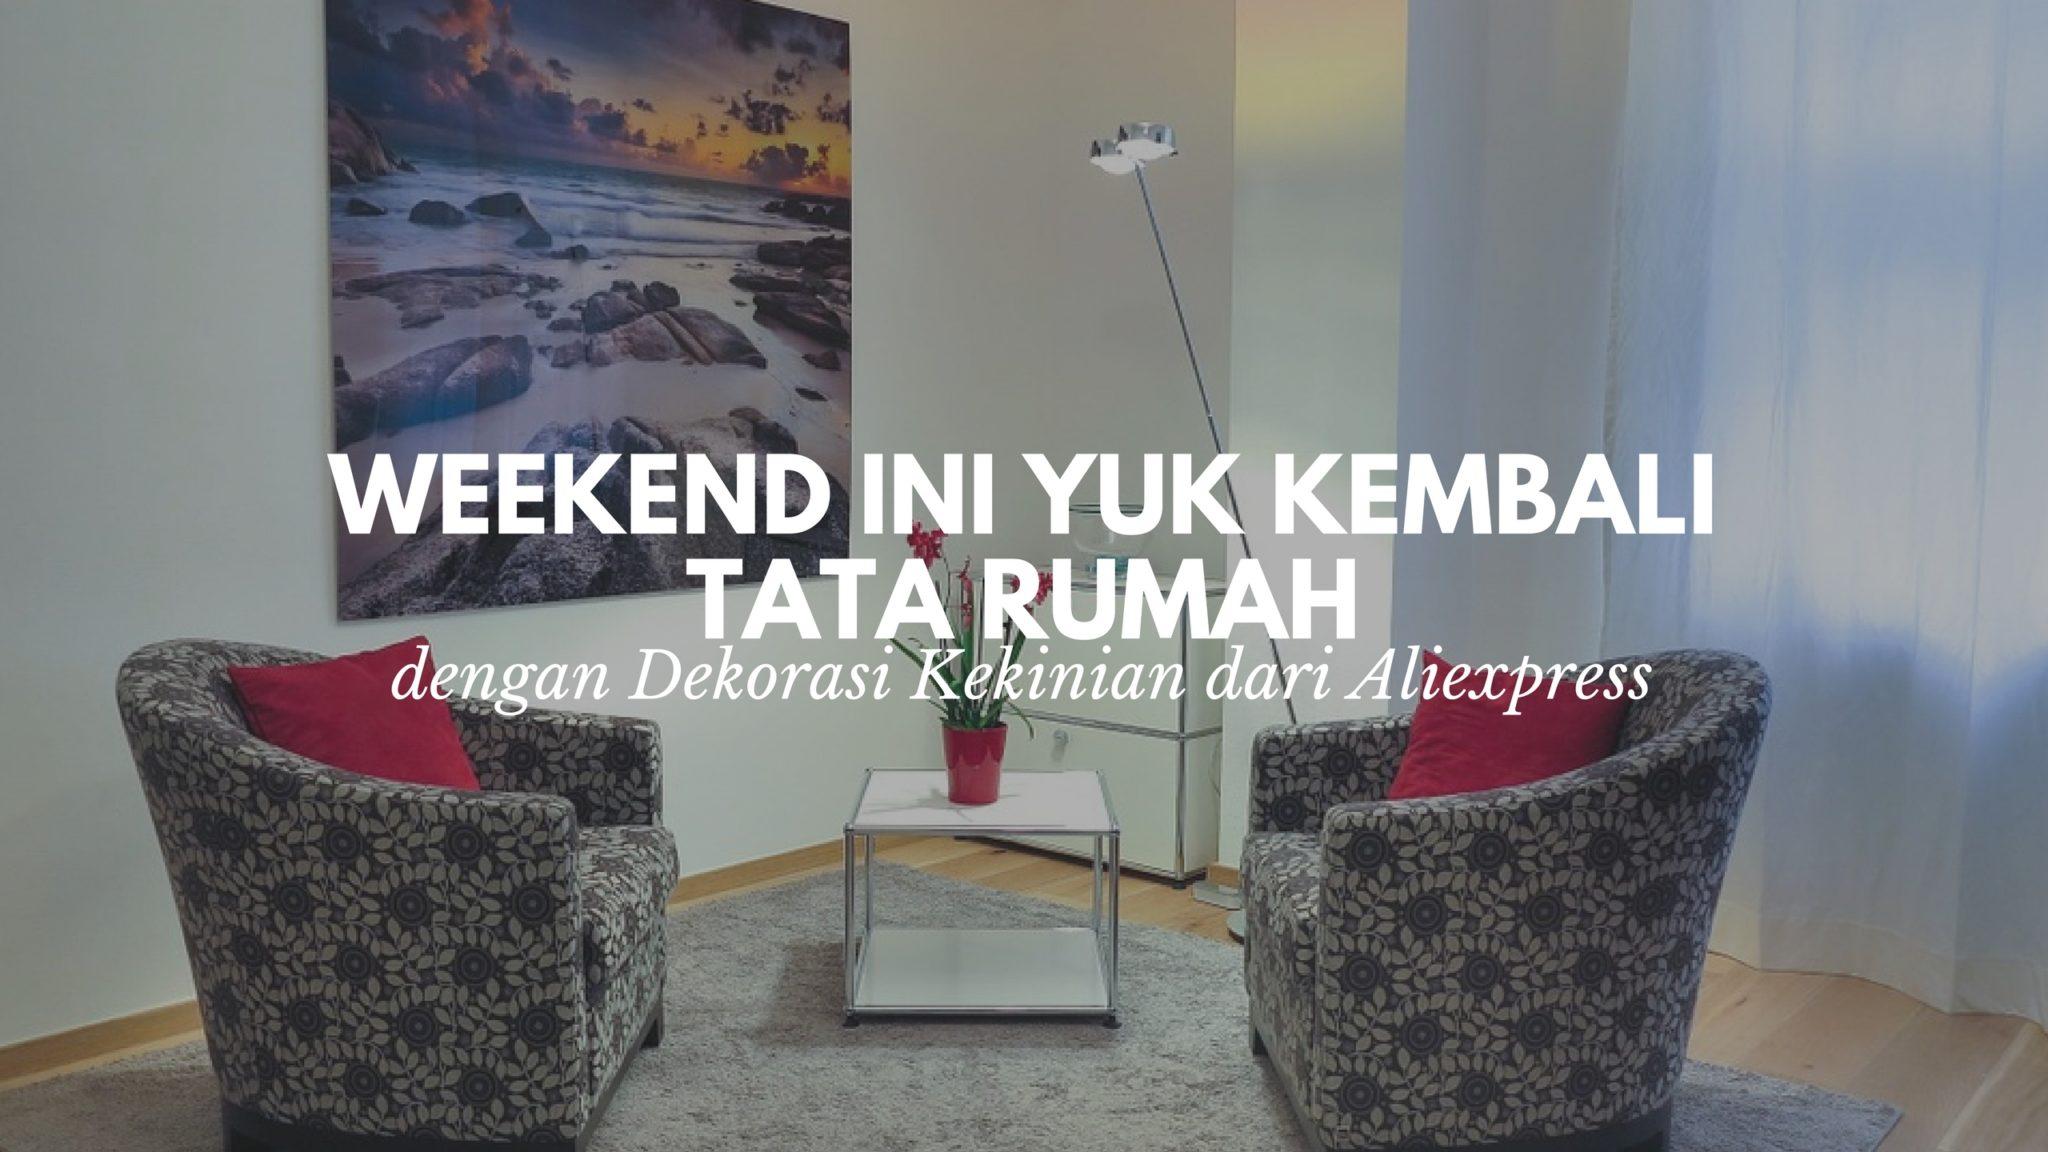 Weekend Ini Yuk Kembali Tata Rumah dengan Dekorasi Kekinian dari Aliexpress